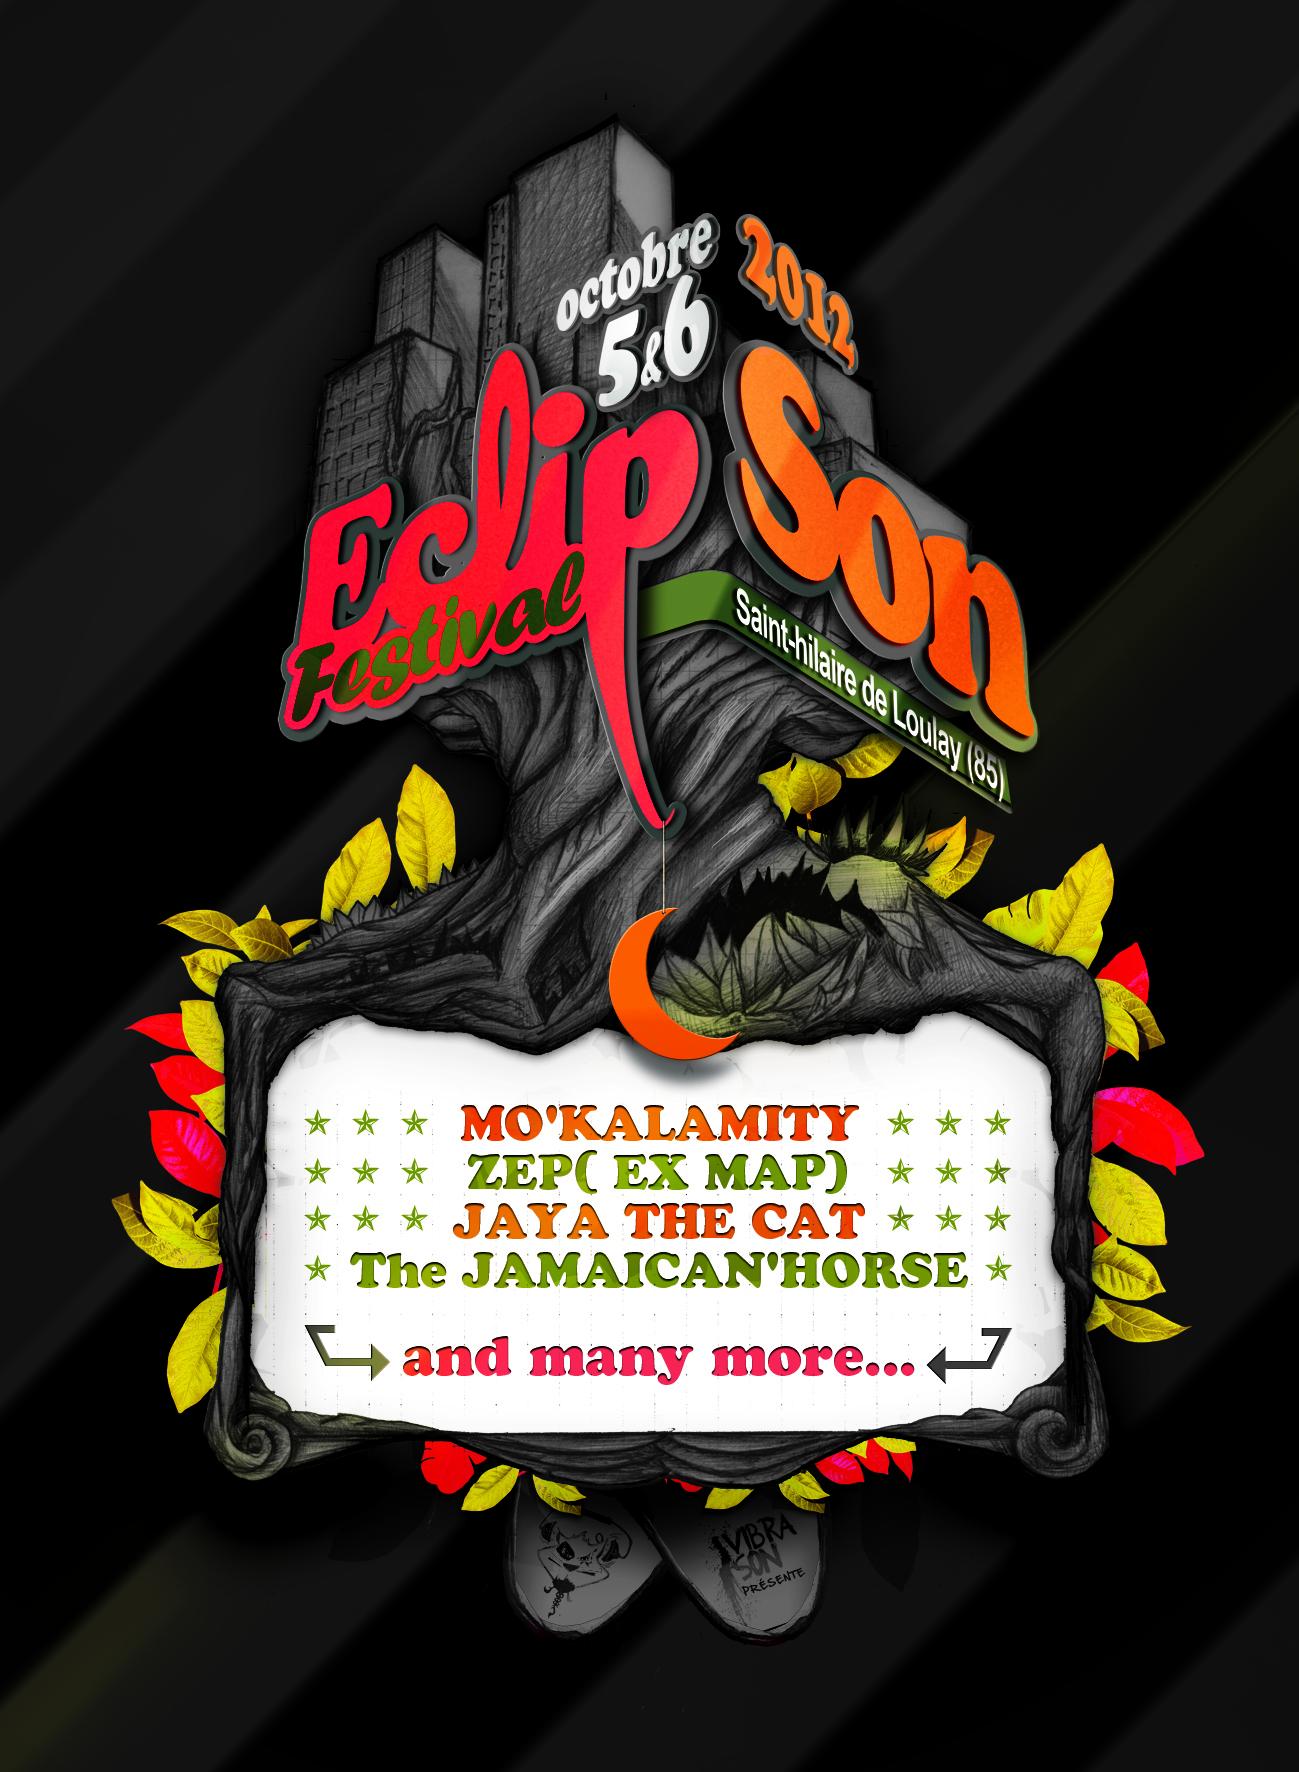 Eclipson